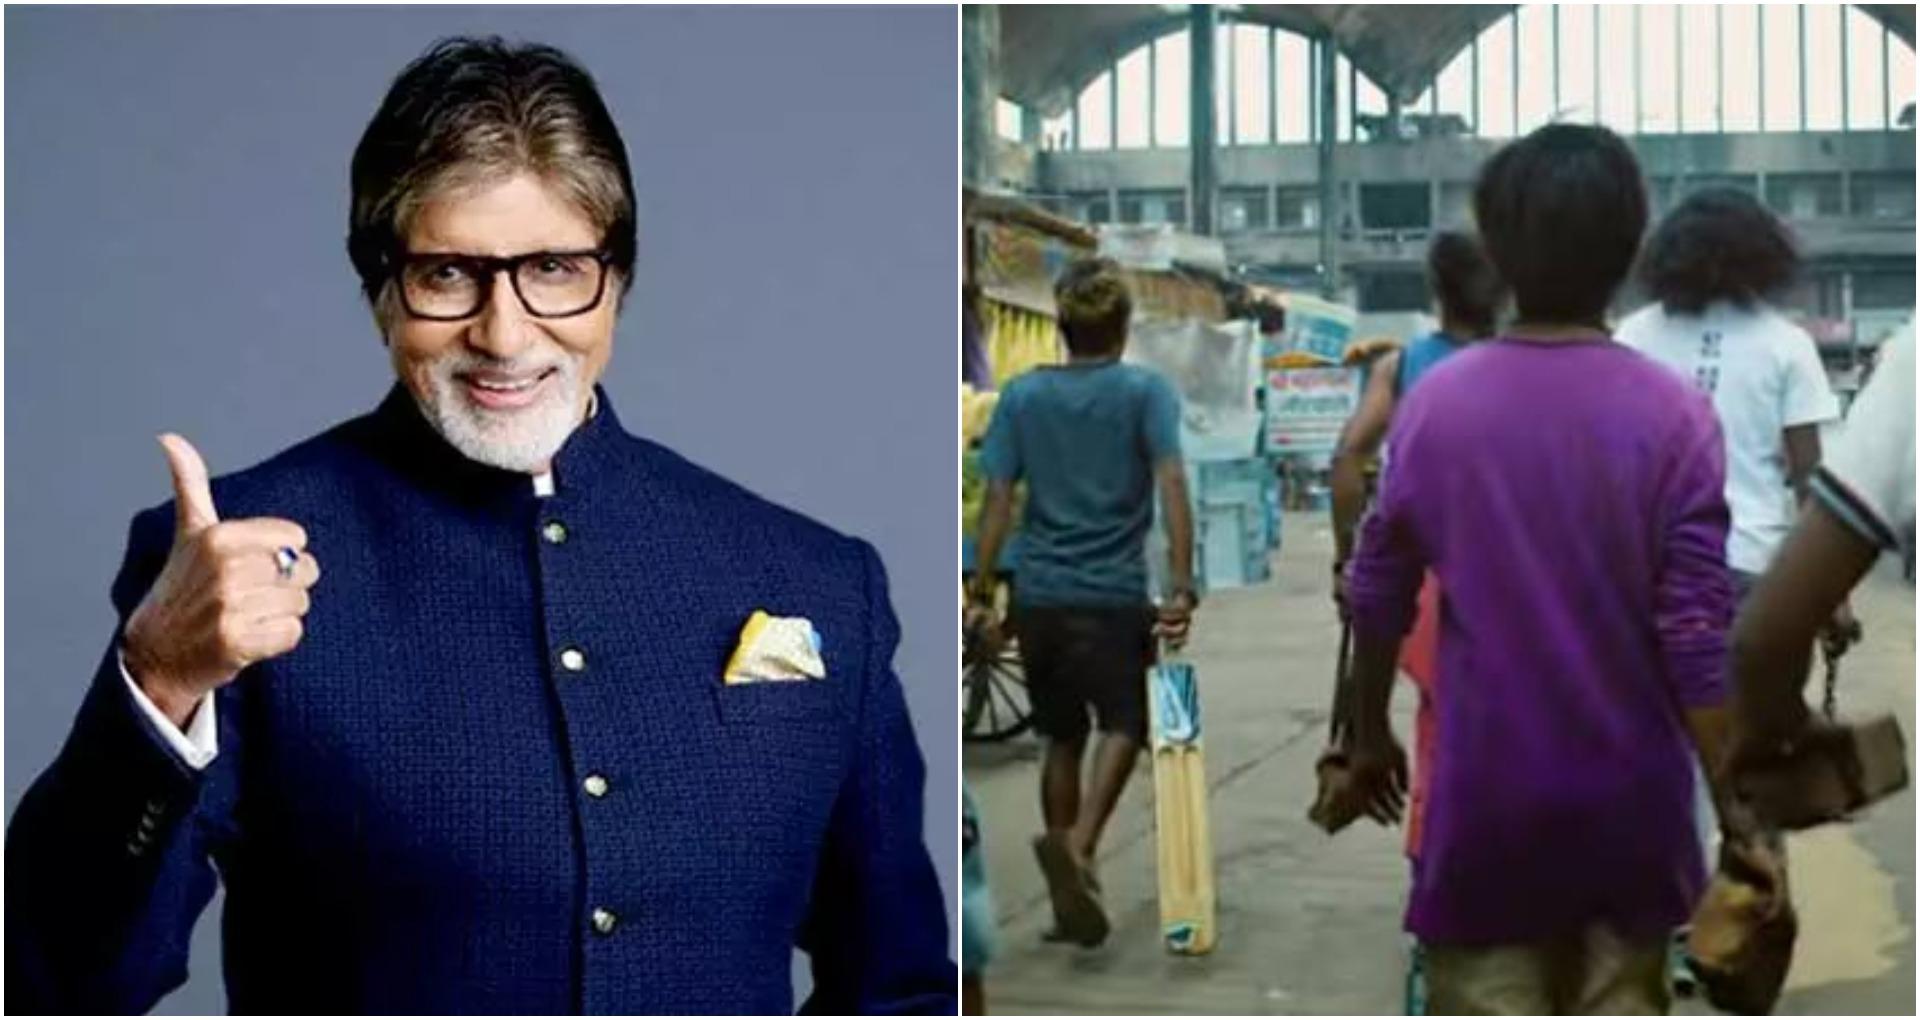 'लूडो', 'इंदु की जवानी' और अमिताभ बच्चन की 'झुंड' ओटीटी प्लेटफार्म होगी रिलीज़, ये 7 बड़ी फिल्में भी हैं शामिल